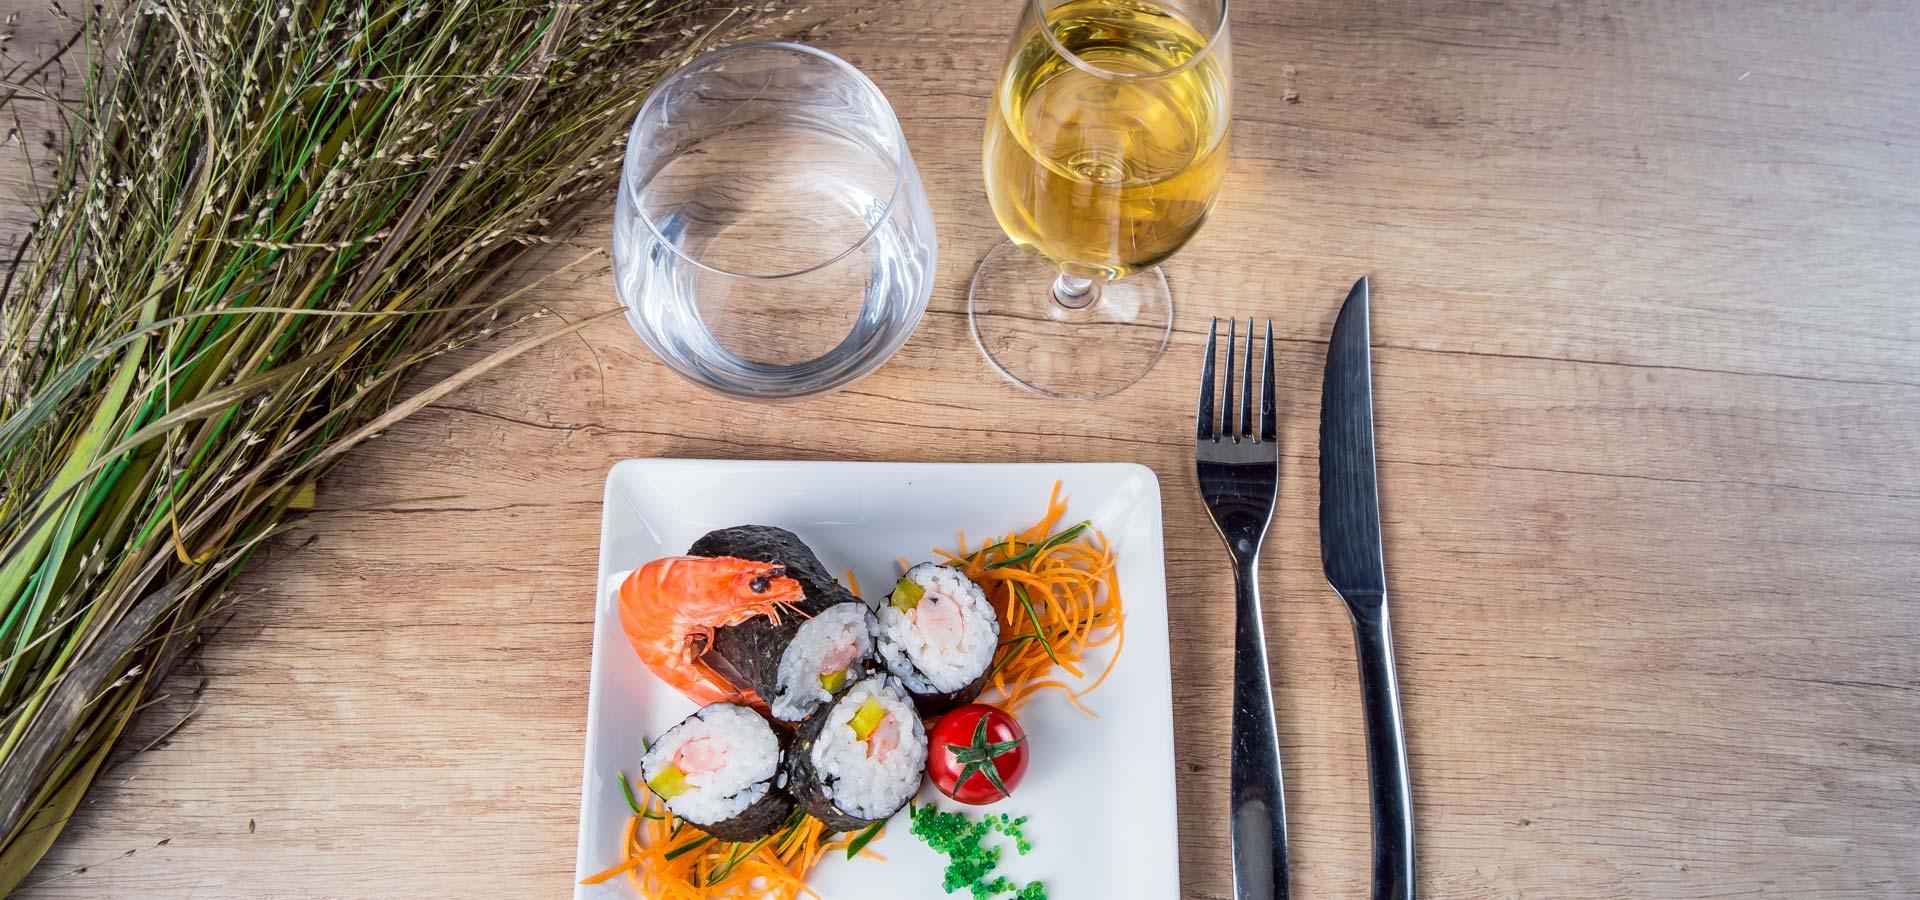 plat-restaurant-potofeu-rennes